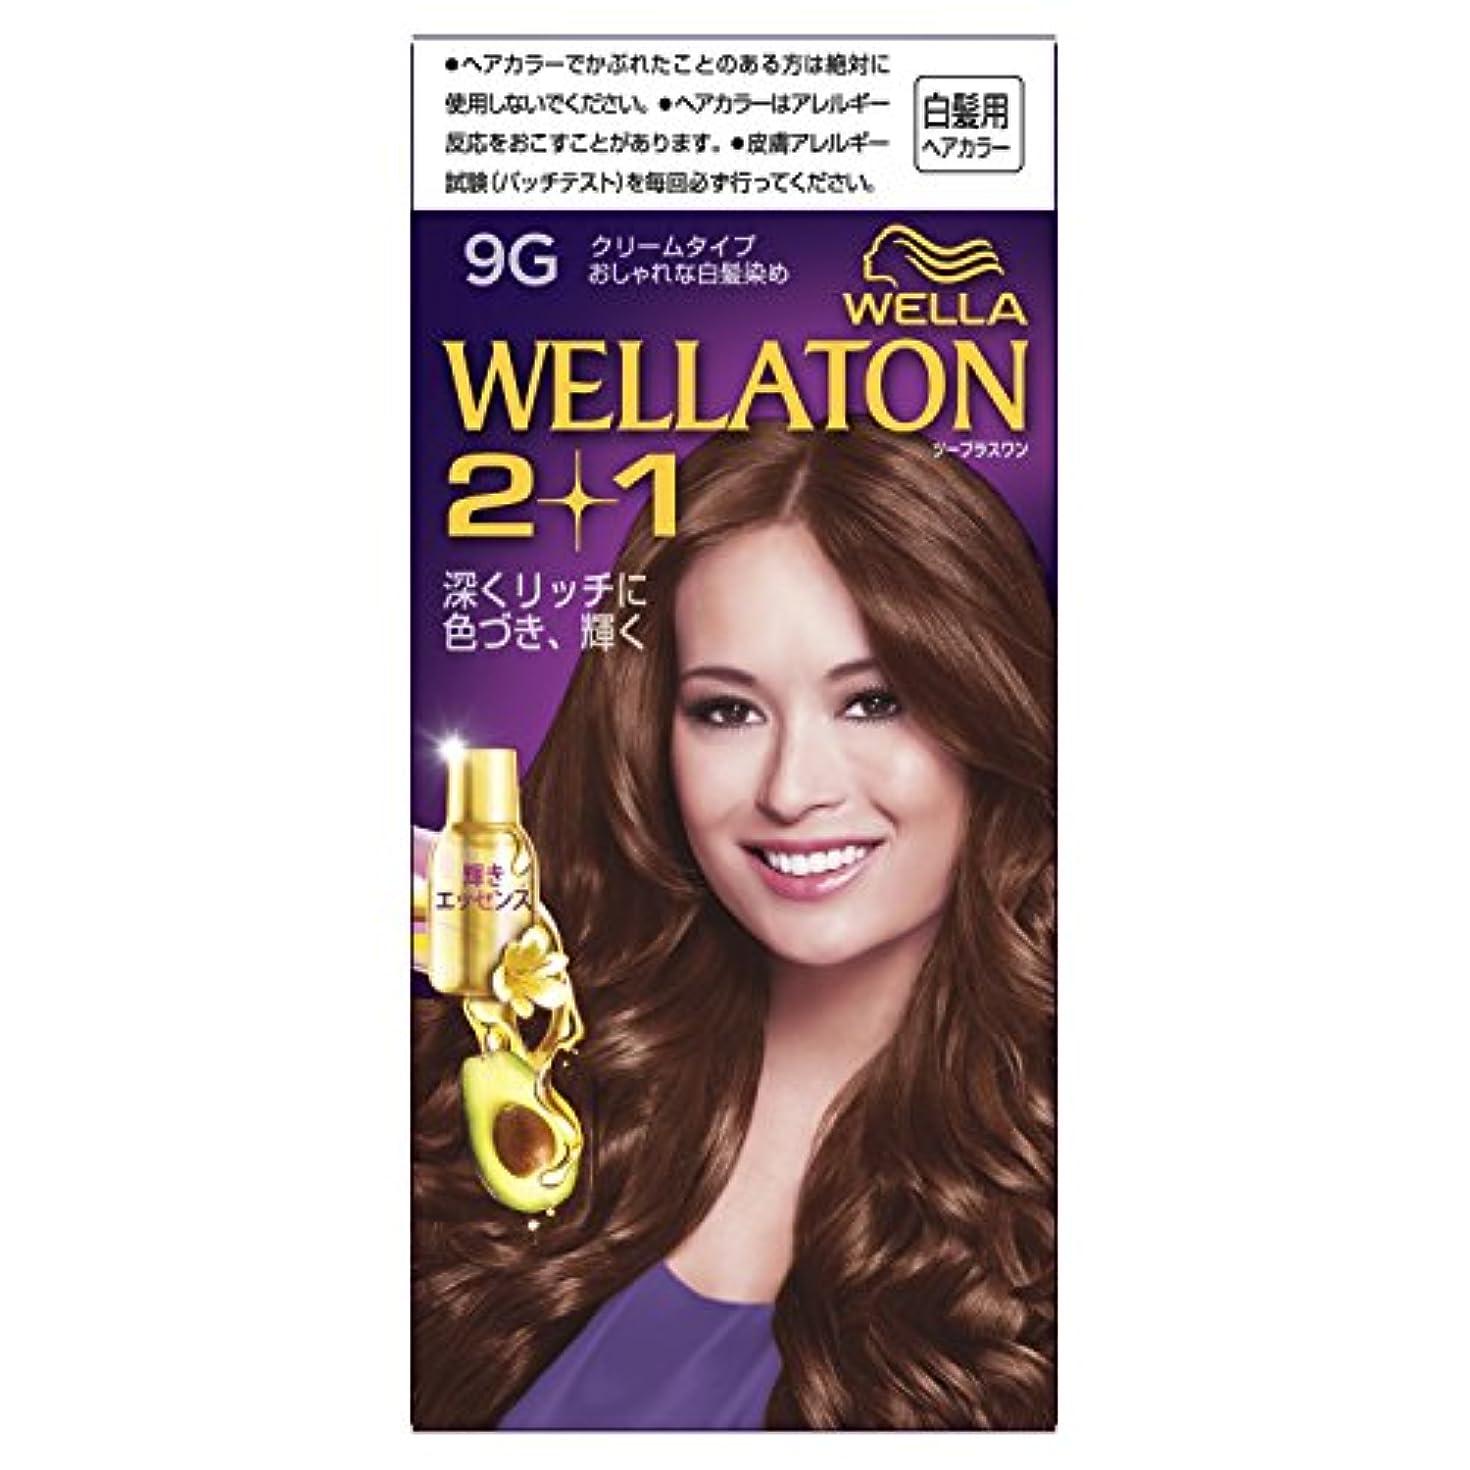 ウエラトーン2+1 クリームタイプ 9G [医薬部外品](おしゃれな白髪染め)